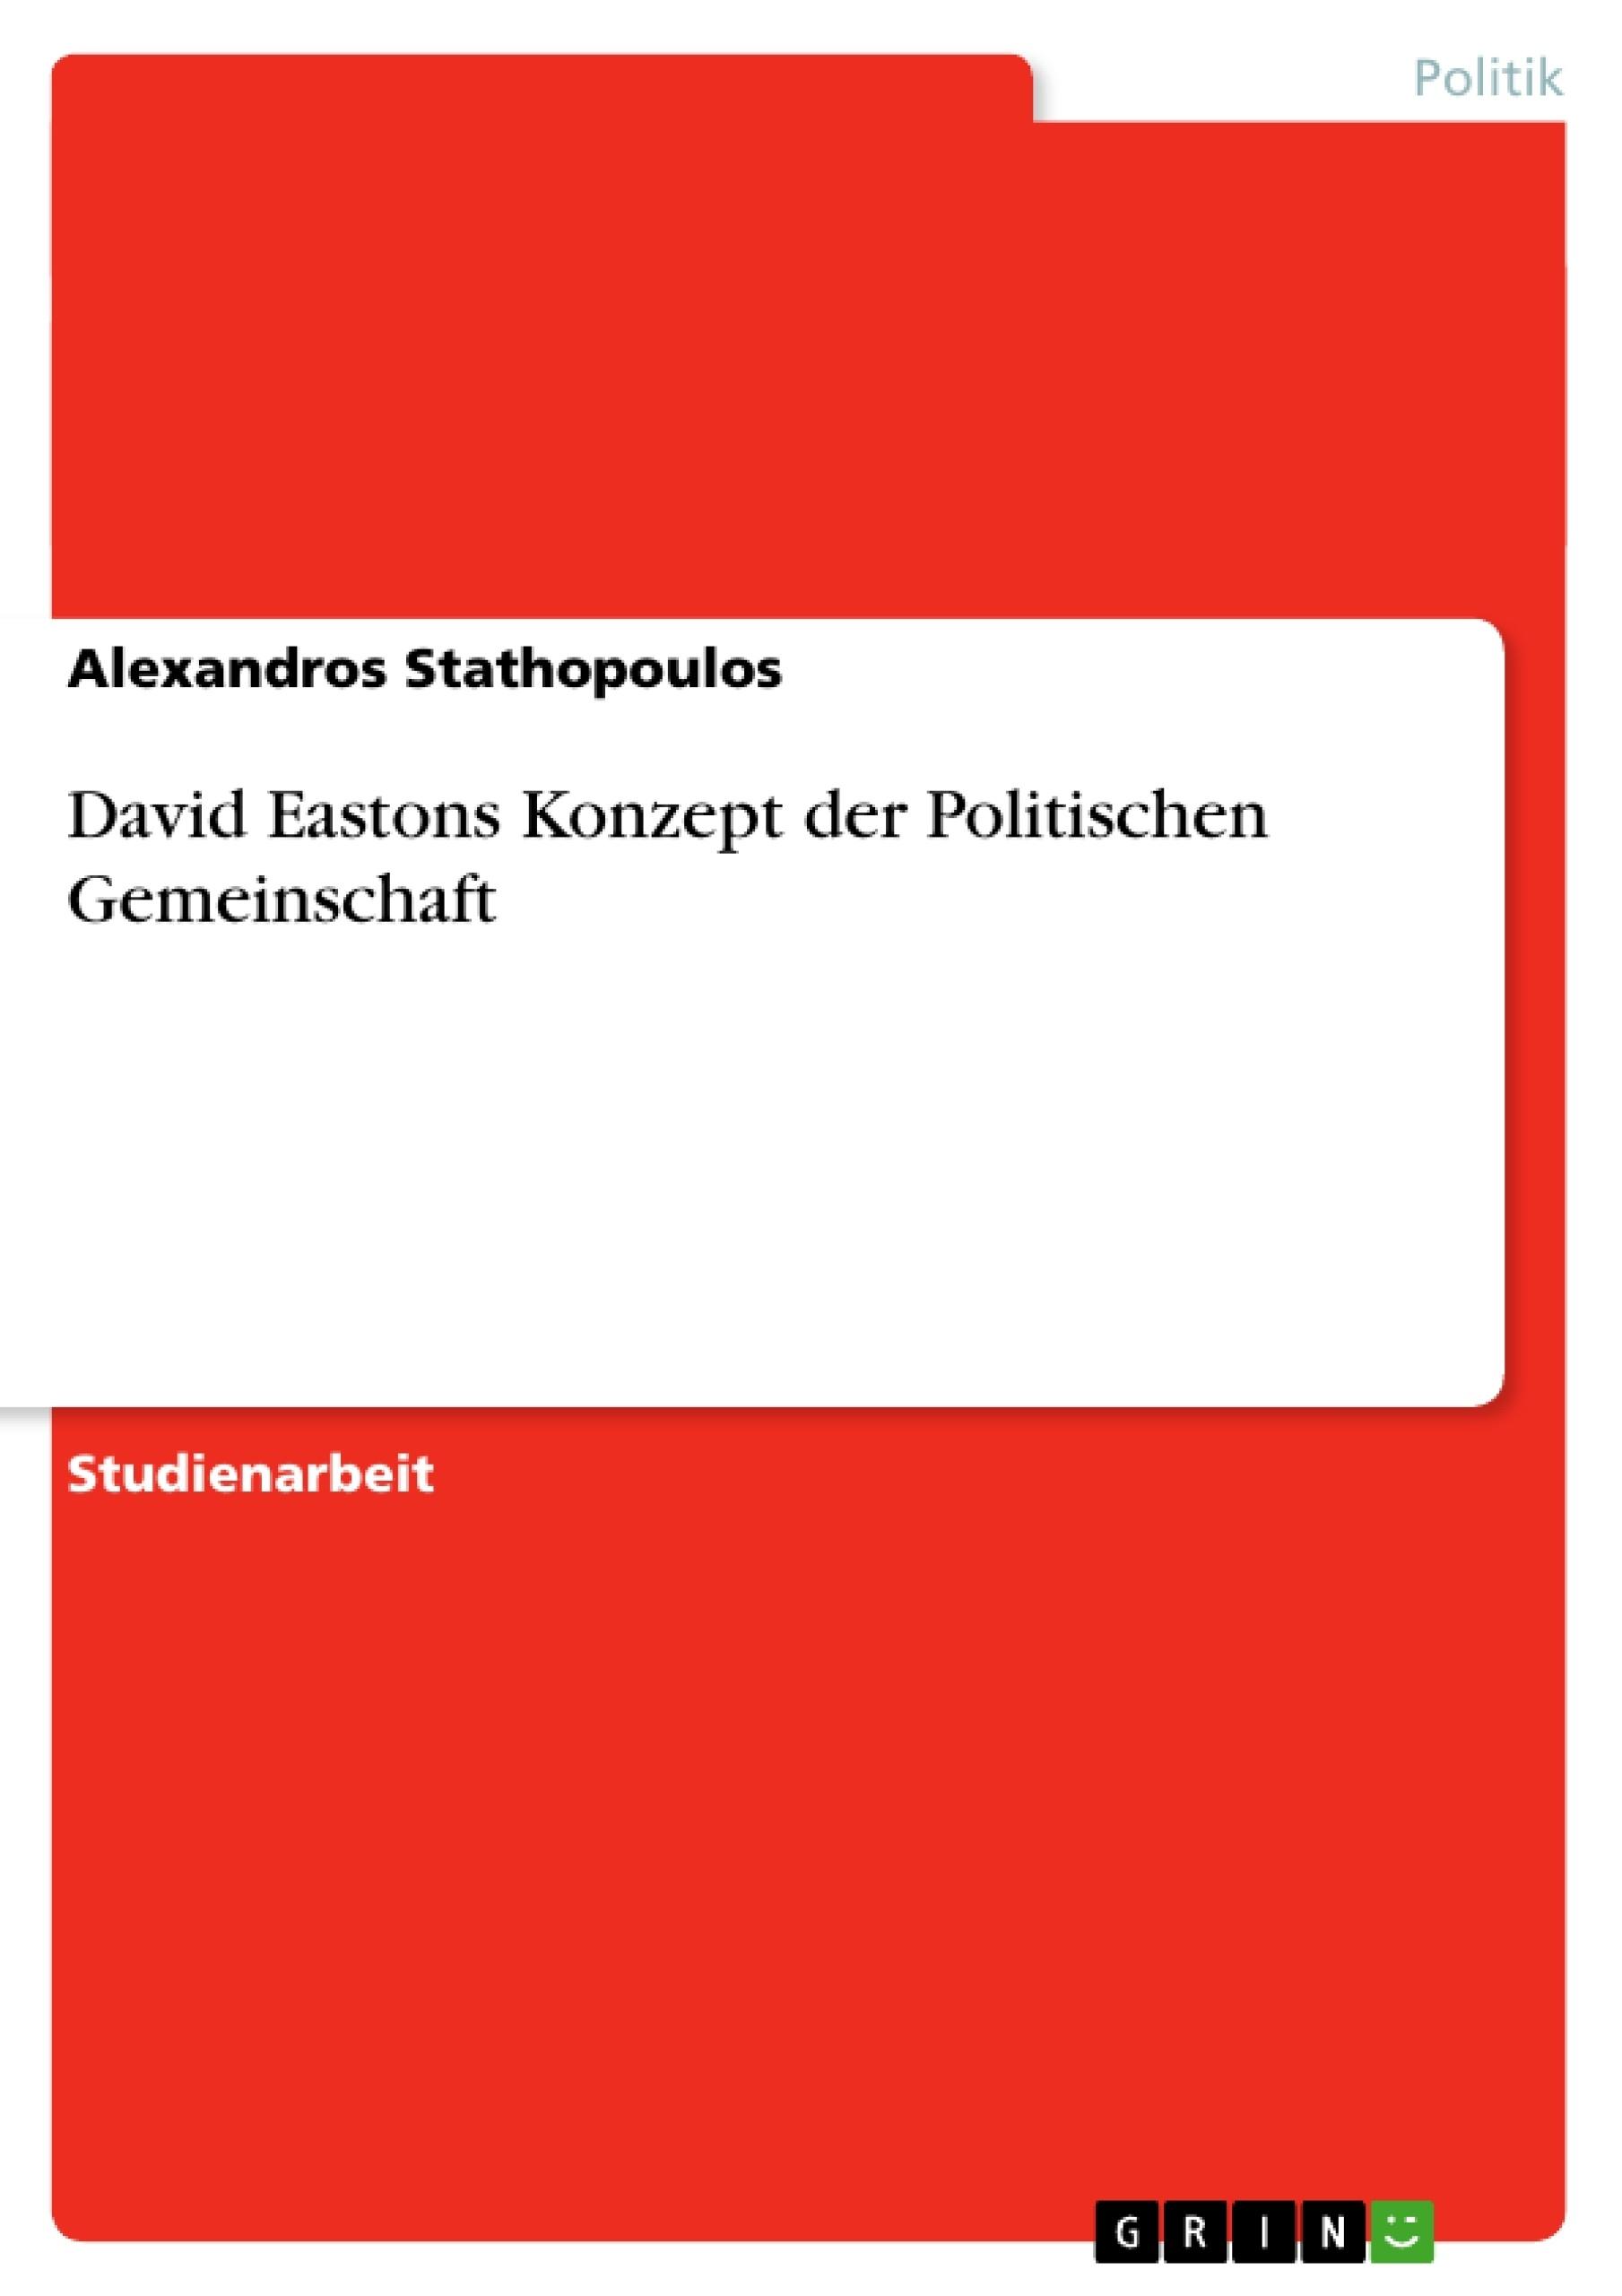 Titel: David Eastons Konzept der Politischen Gemeinschaft